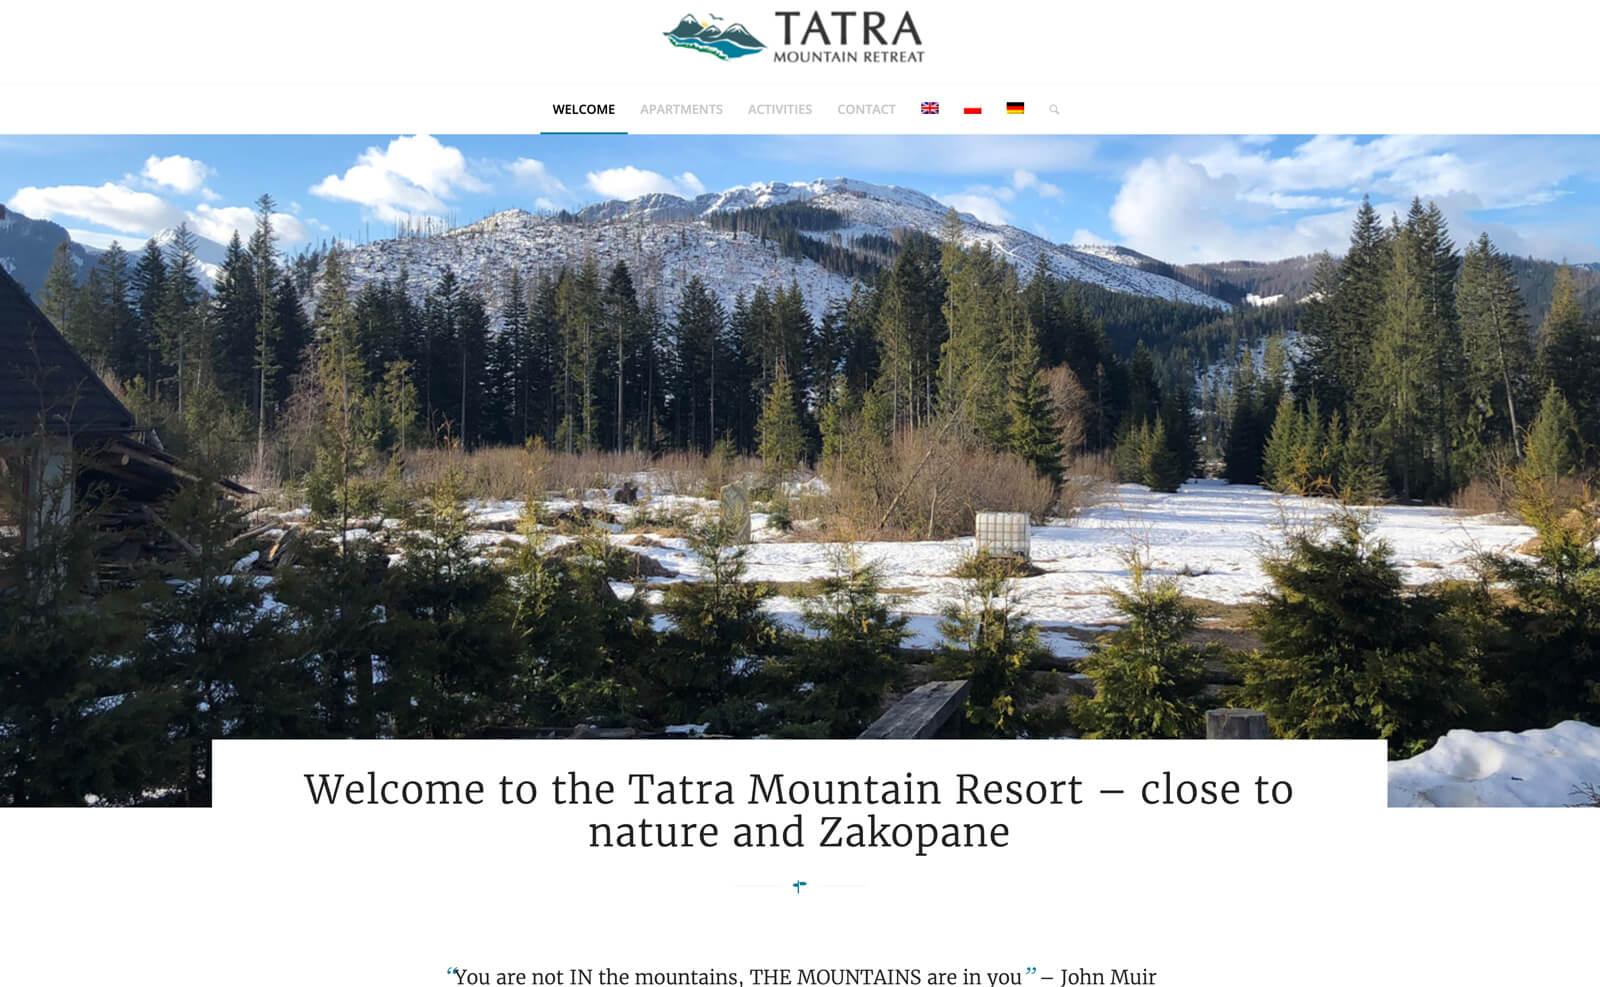 Tatra Mountain Retreat Home